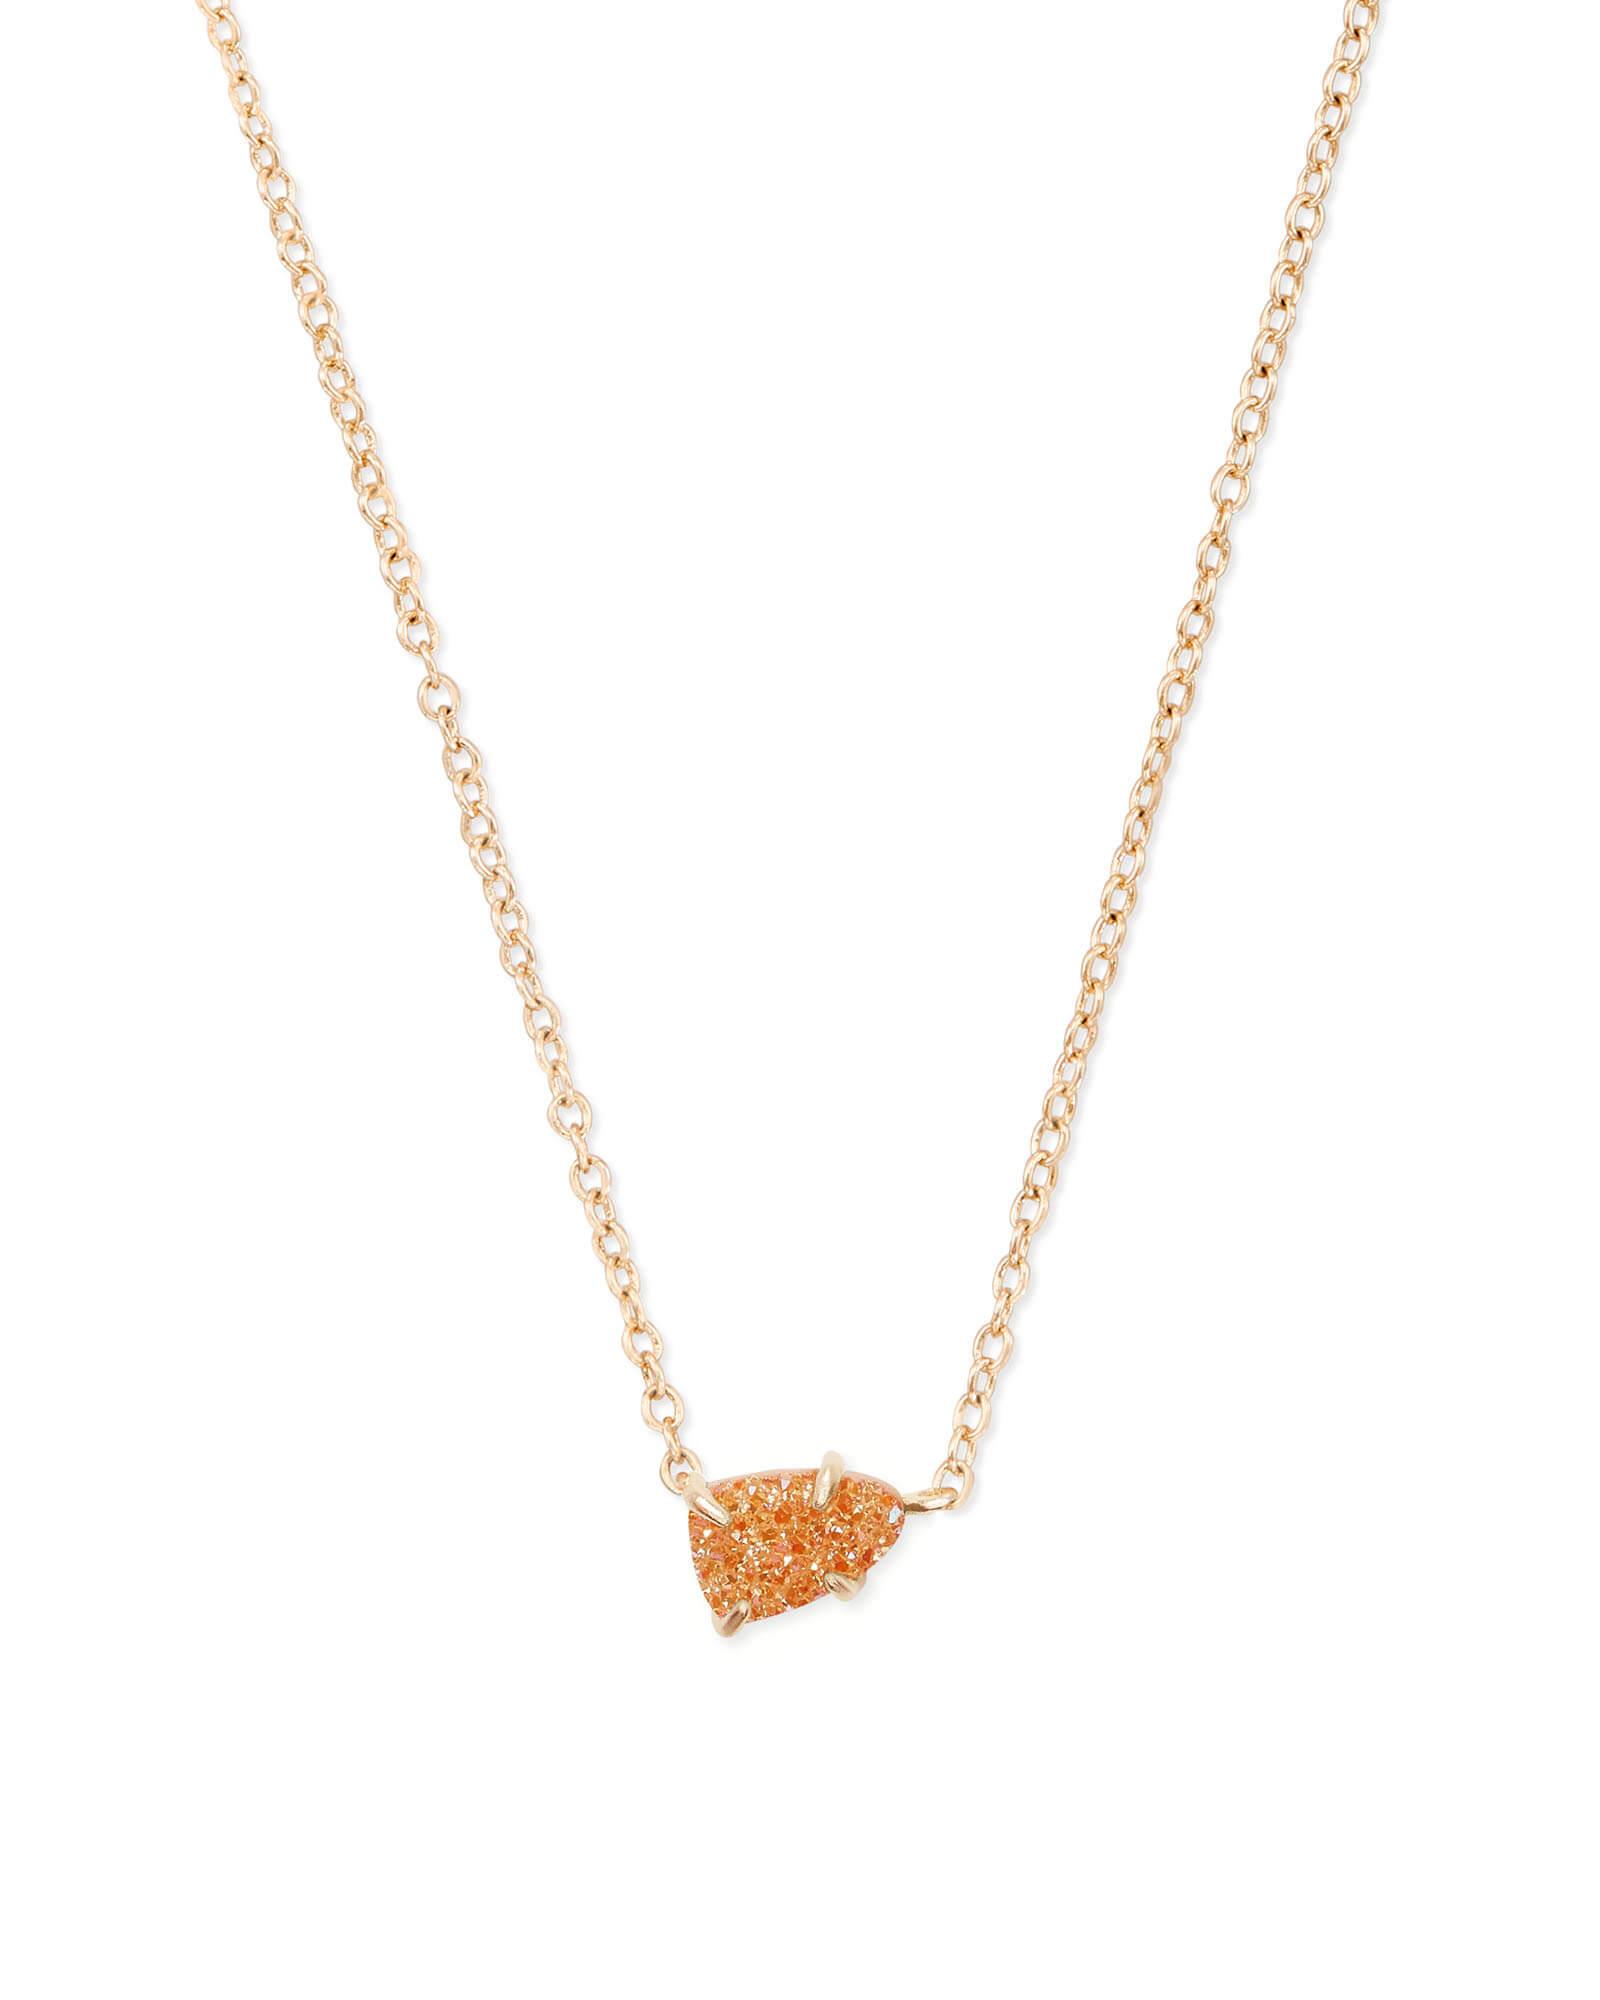 Helga Gold</br>Pendant Necklace</br><i>$60.00